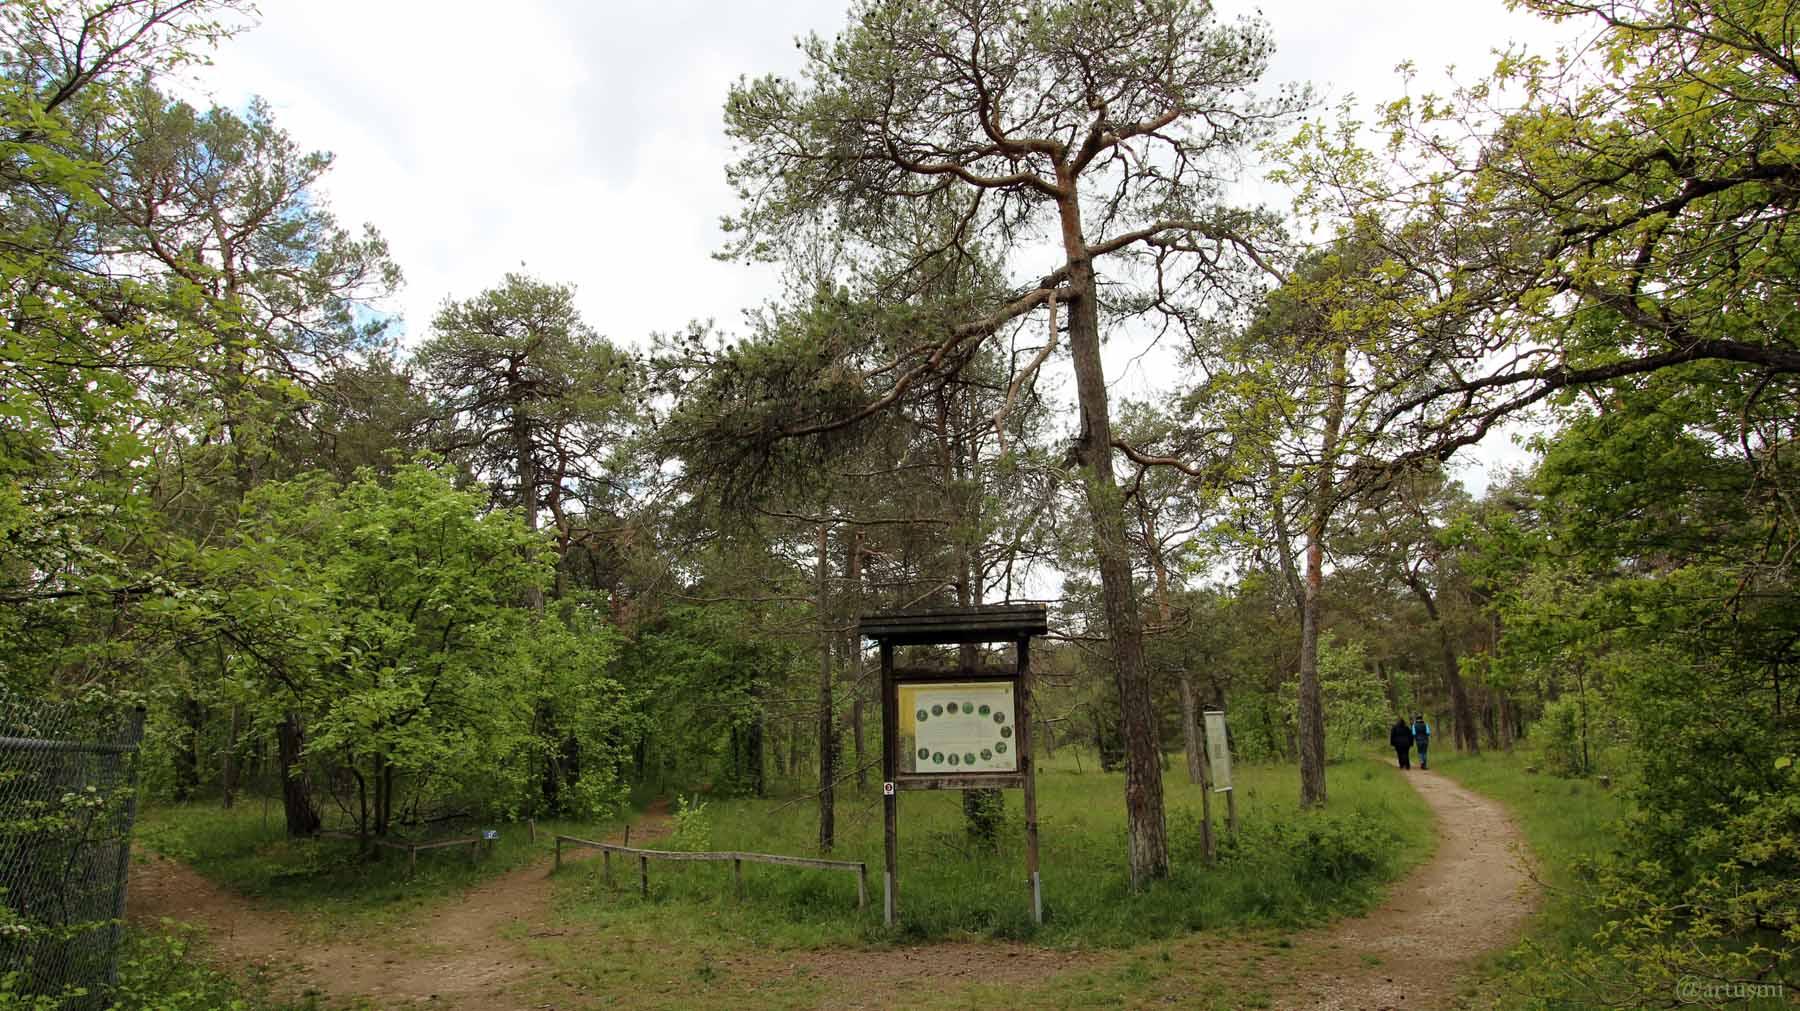 Orchideenpfad im Naturschutzgebiet Höhfeldplatte bei Thüngersheim